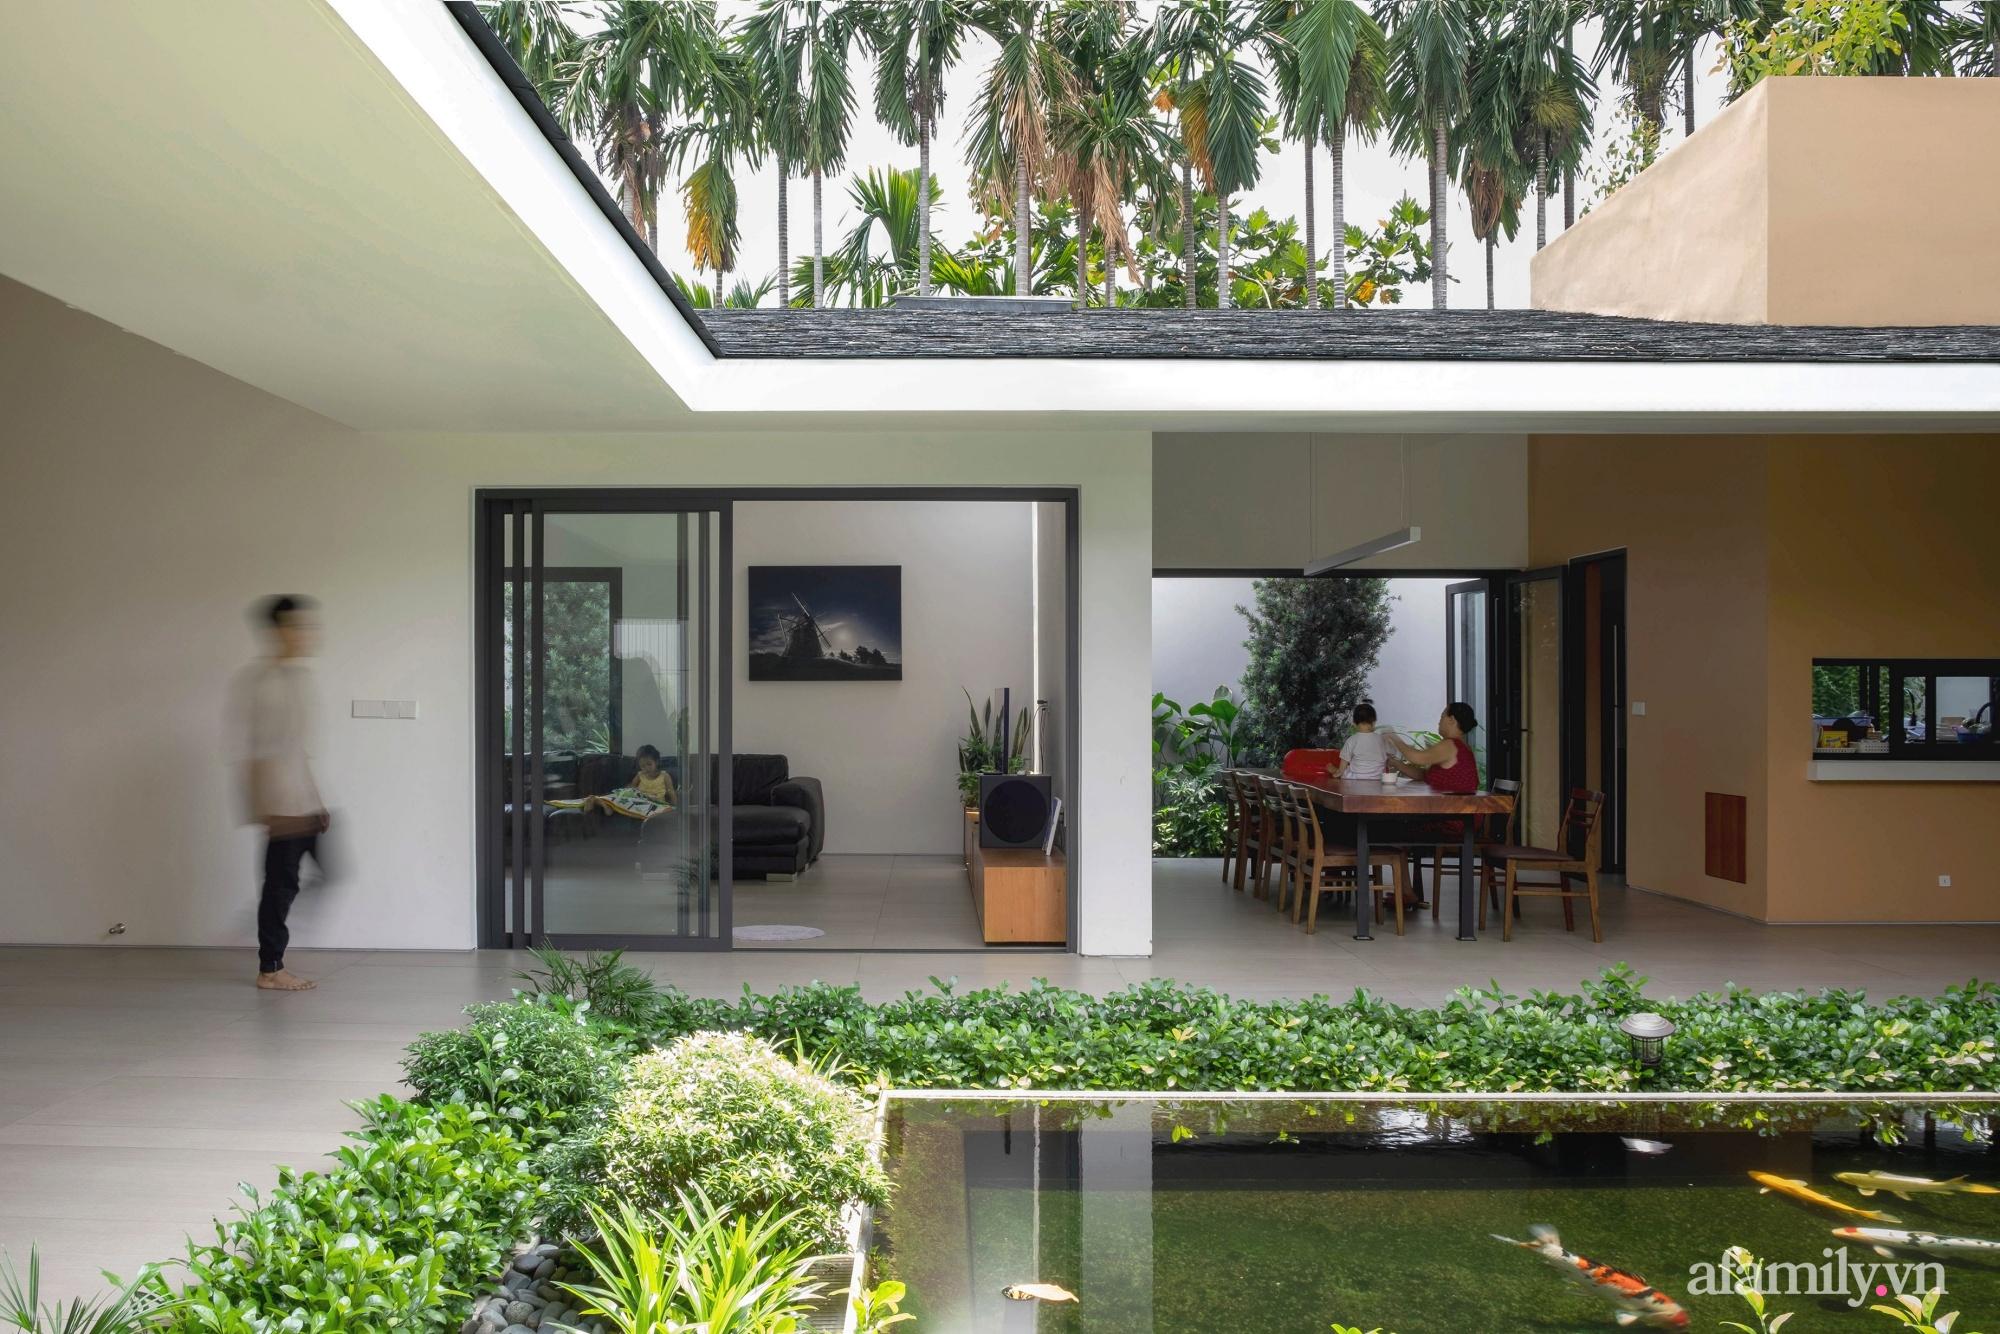 Ngôi nhà rợp mát bóng cây ở ngoại ô Sài Gòn tạo sự gắn kết cho gia đình 3 thế hệ - Ảnh 1.